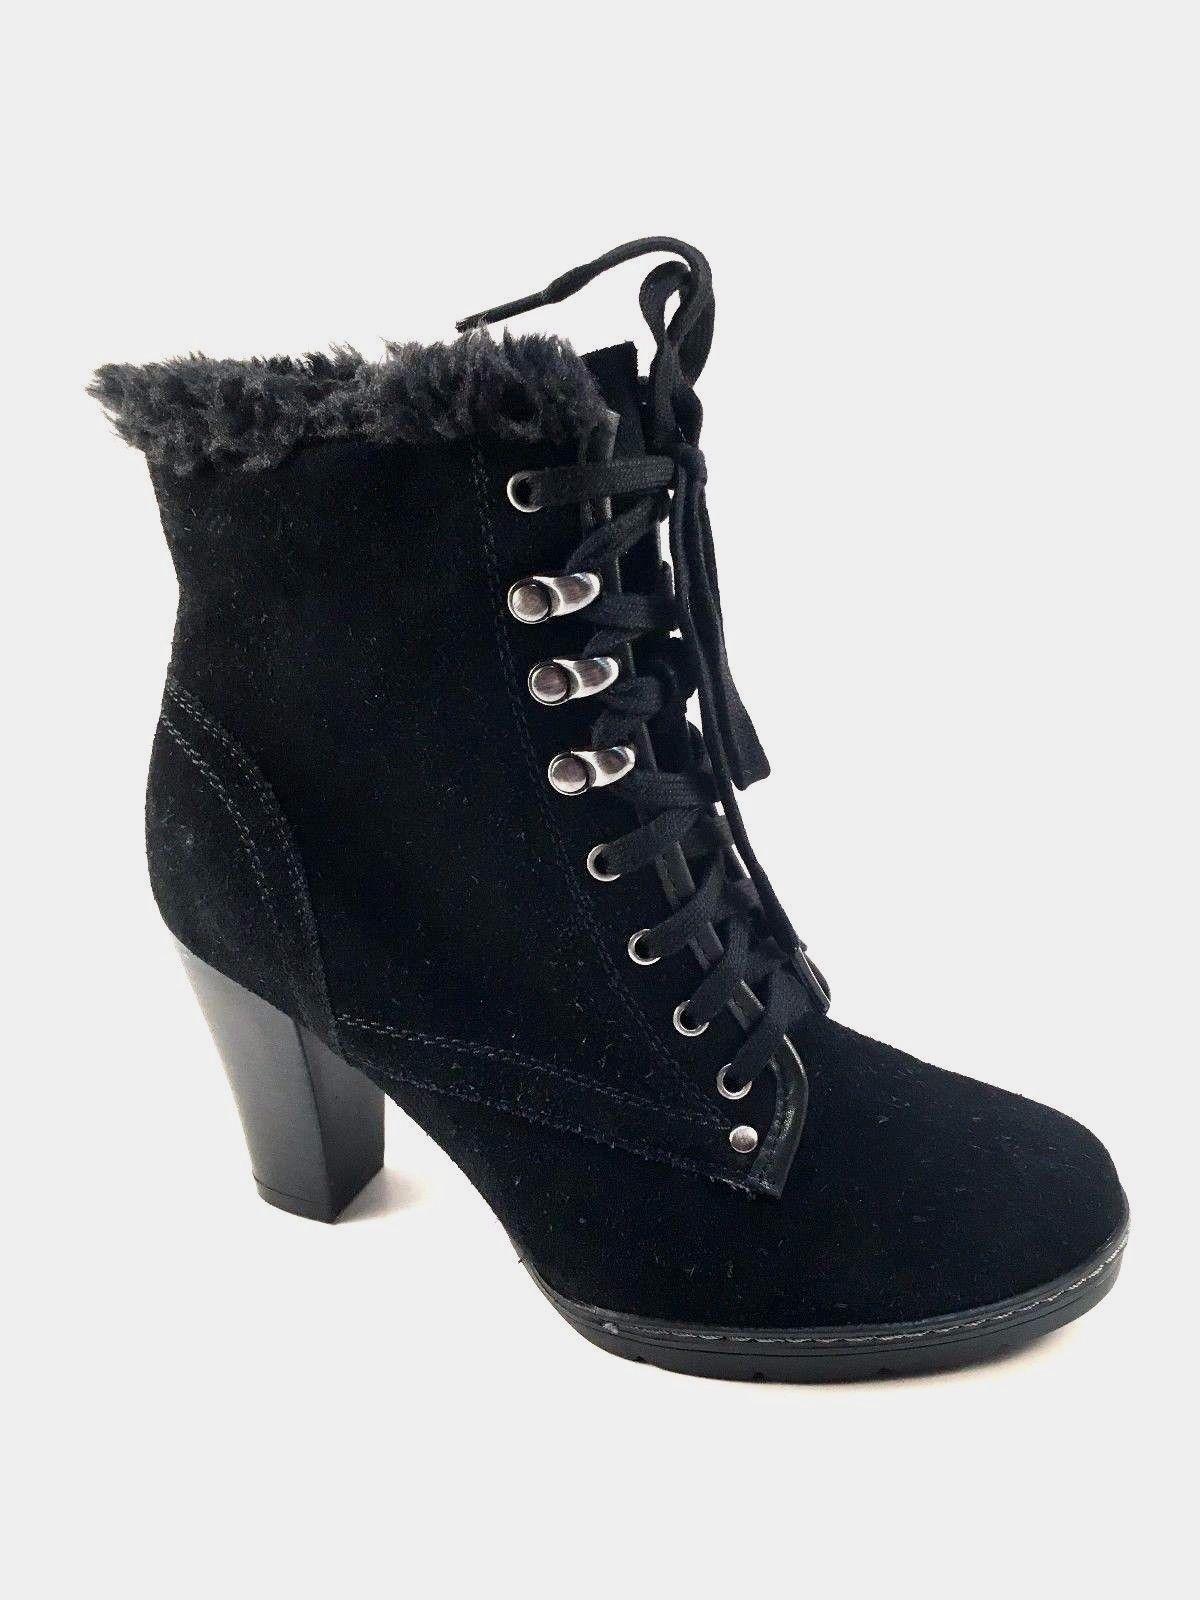 BLONDO Lili Boot NIB Suede Leder Waterproof Lace Up Heel Bootie BLACK 9.5